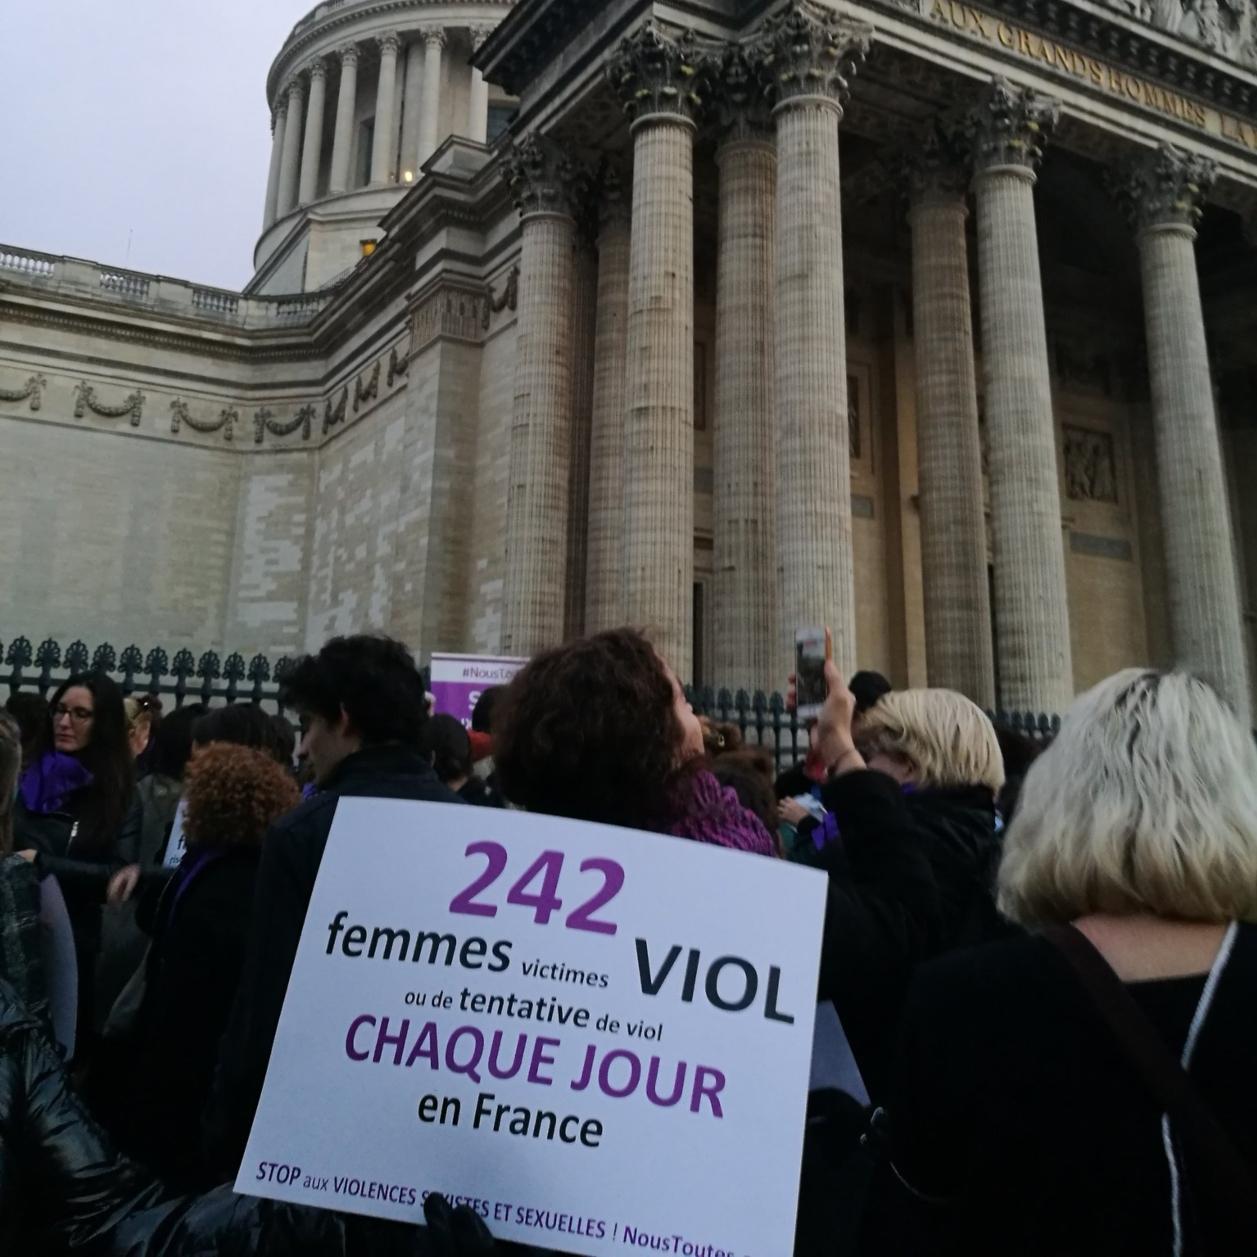 Réunie devant le Panthéon, une chaîne humaine demande à l'État de se réveiller